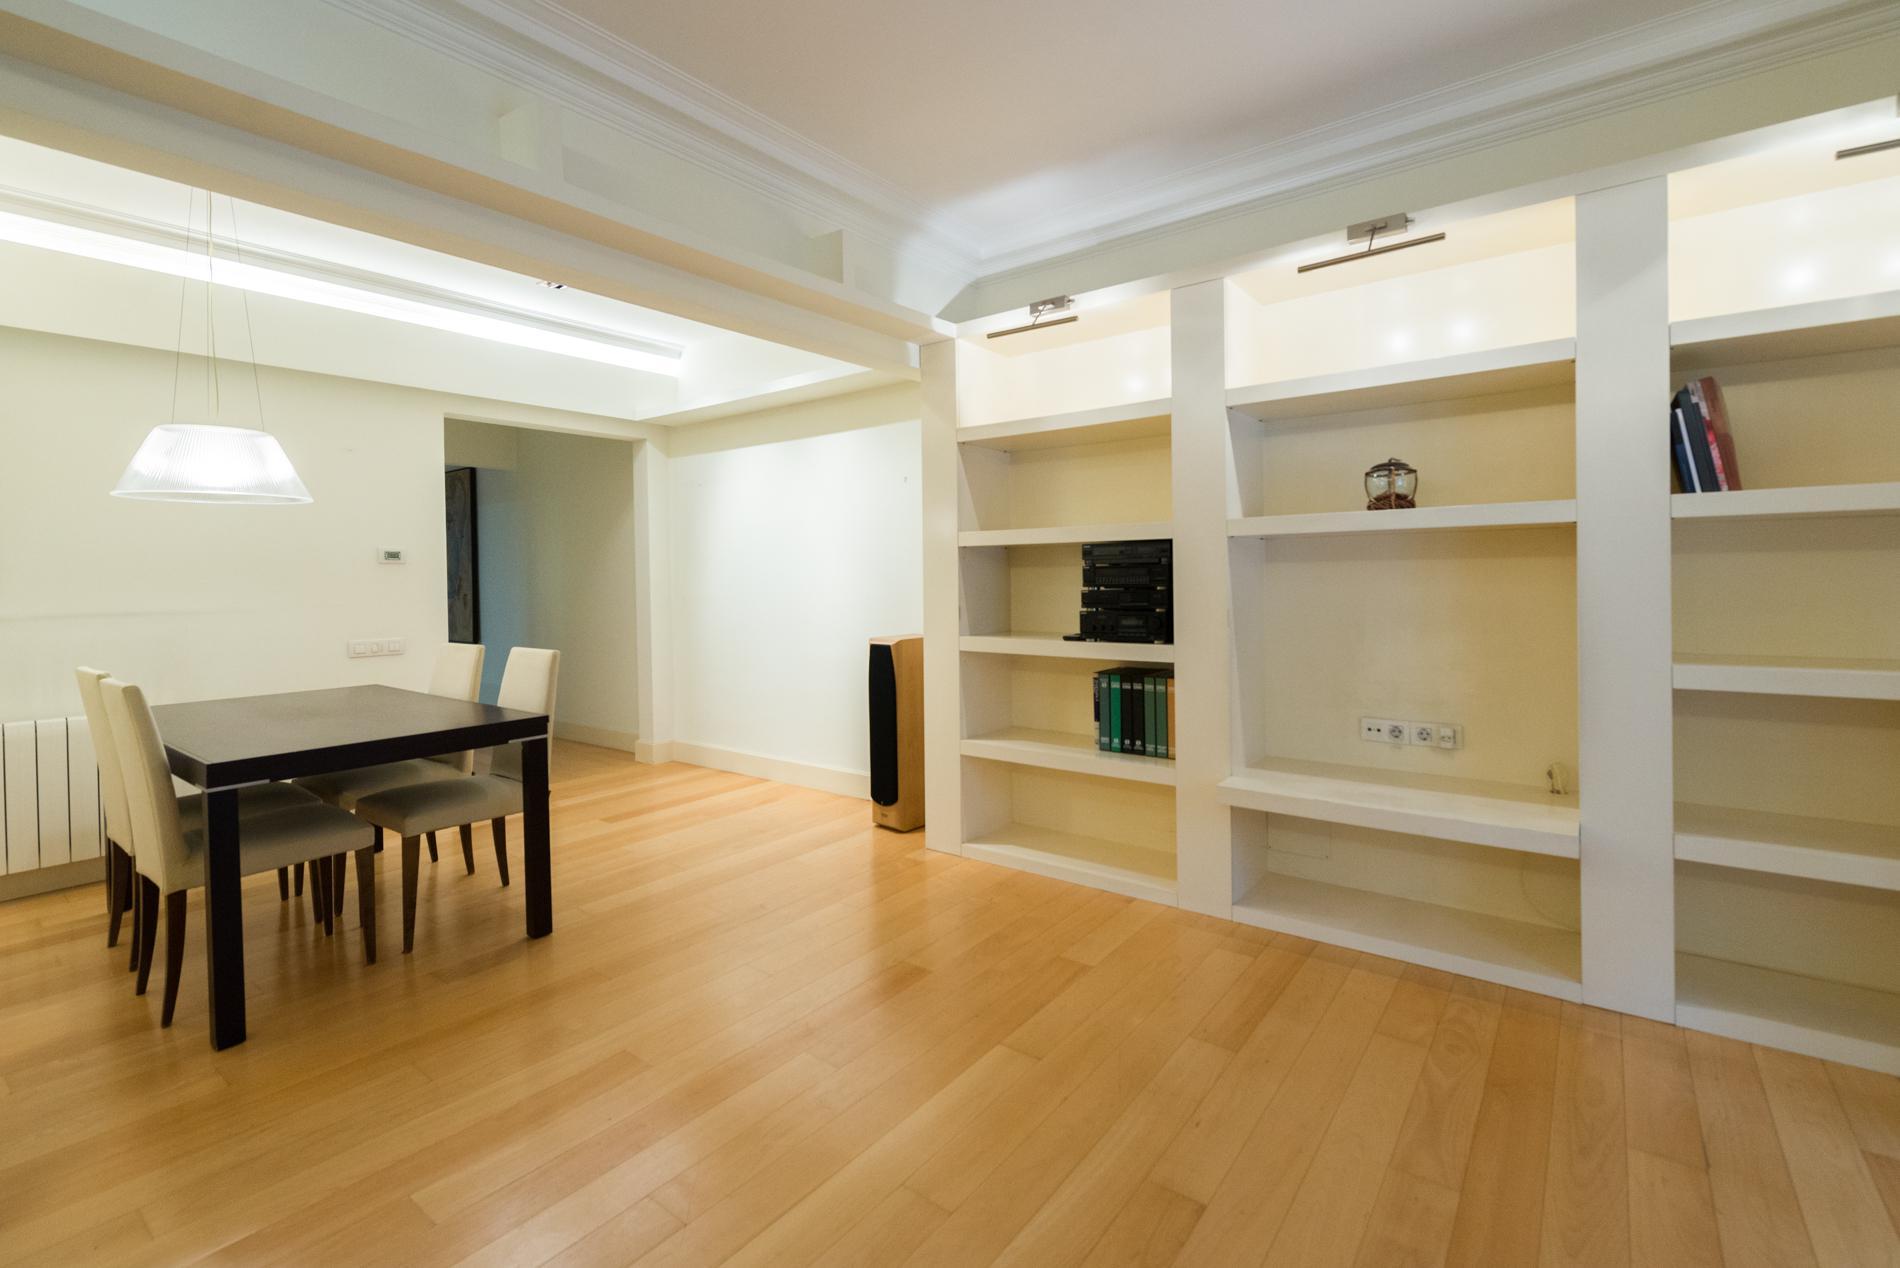 247761 Ground Floor for sale in Sarrià-Sant Gervasi, St. Gervasi-Bonanova 5